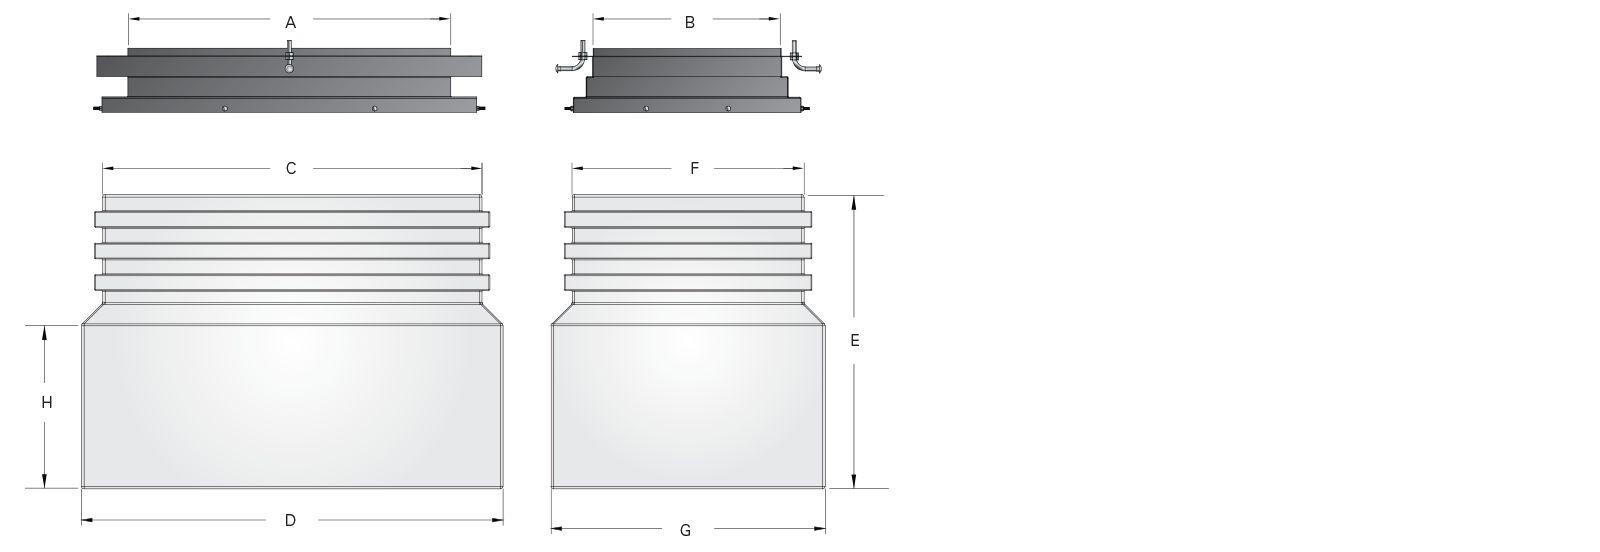 Large Mout Poly Dispenser Sumps - Dims.psd